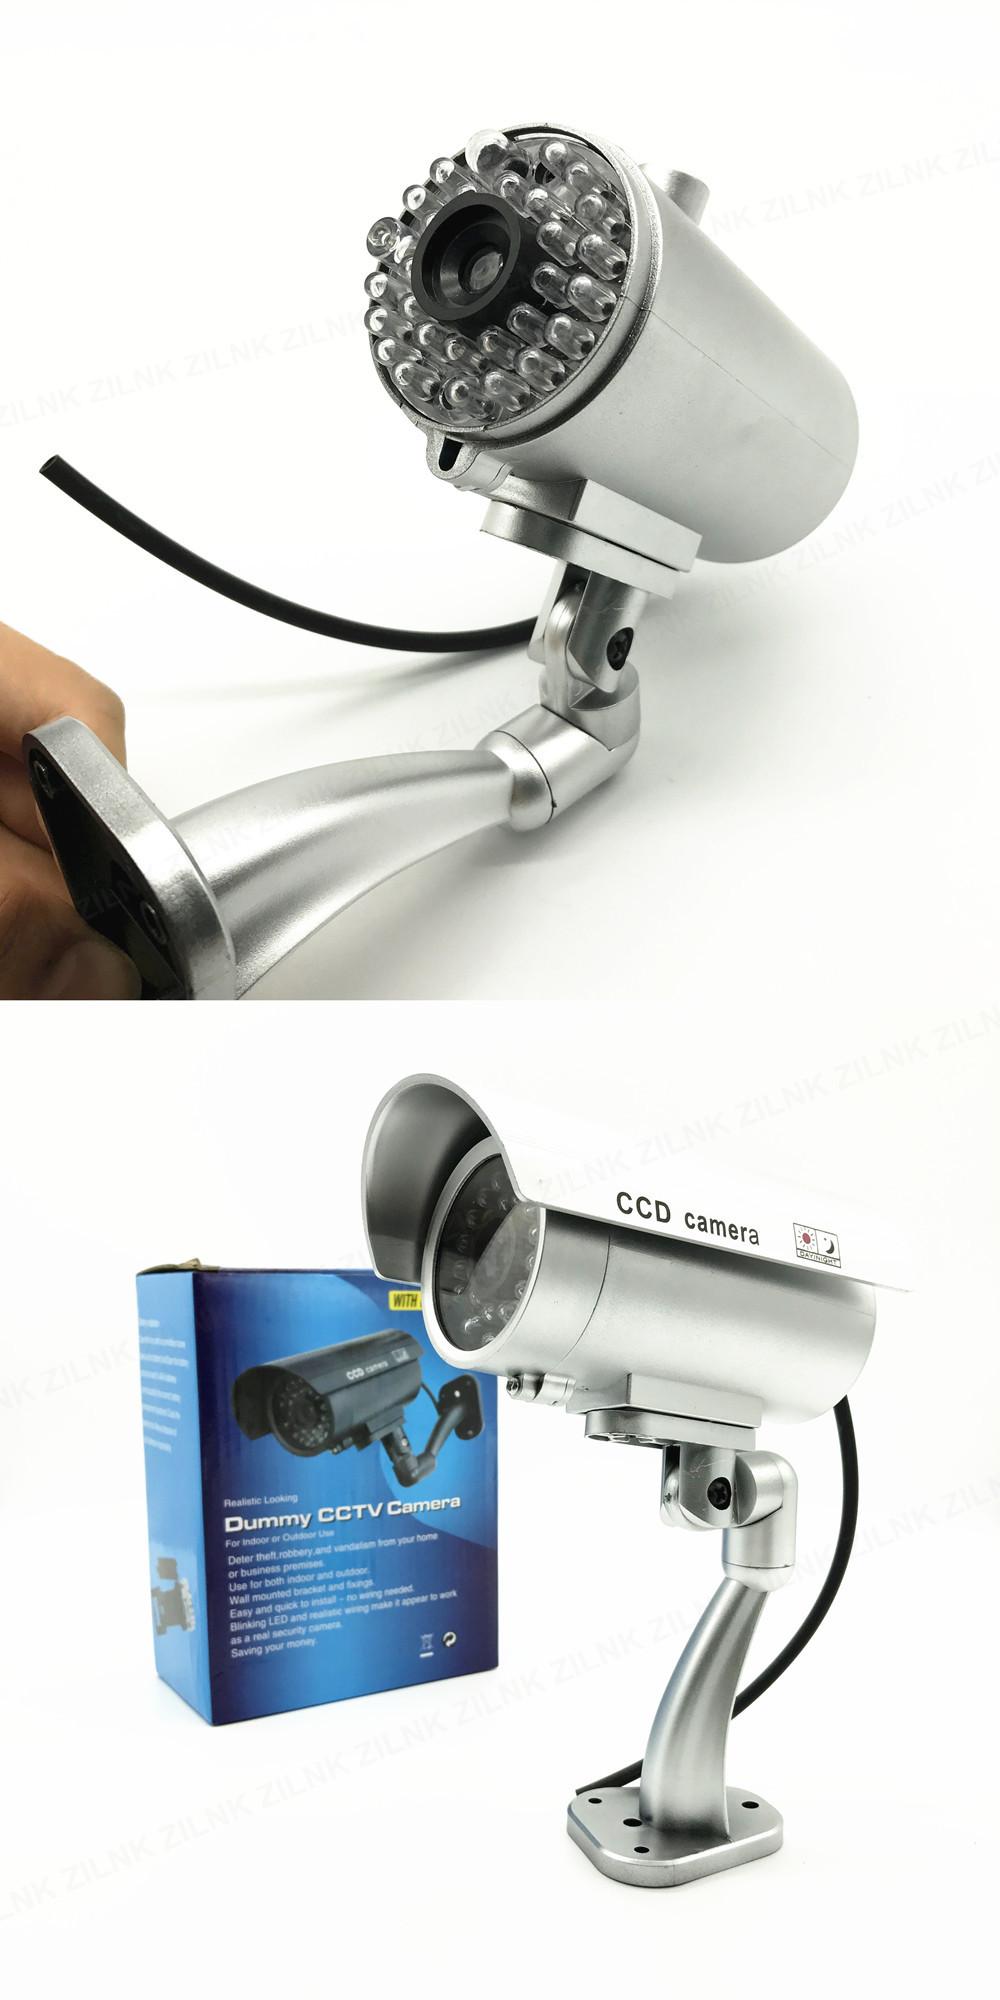 zilnk сделать водонепроницаемый камера мигающий красный светодиод крытый бассейн paddle widows моделирование камера серебро бесплатная доставка